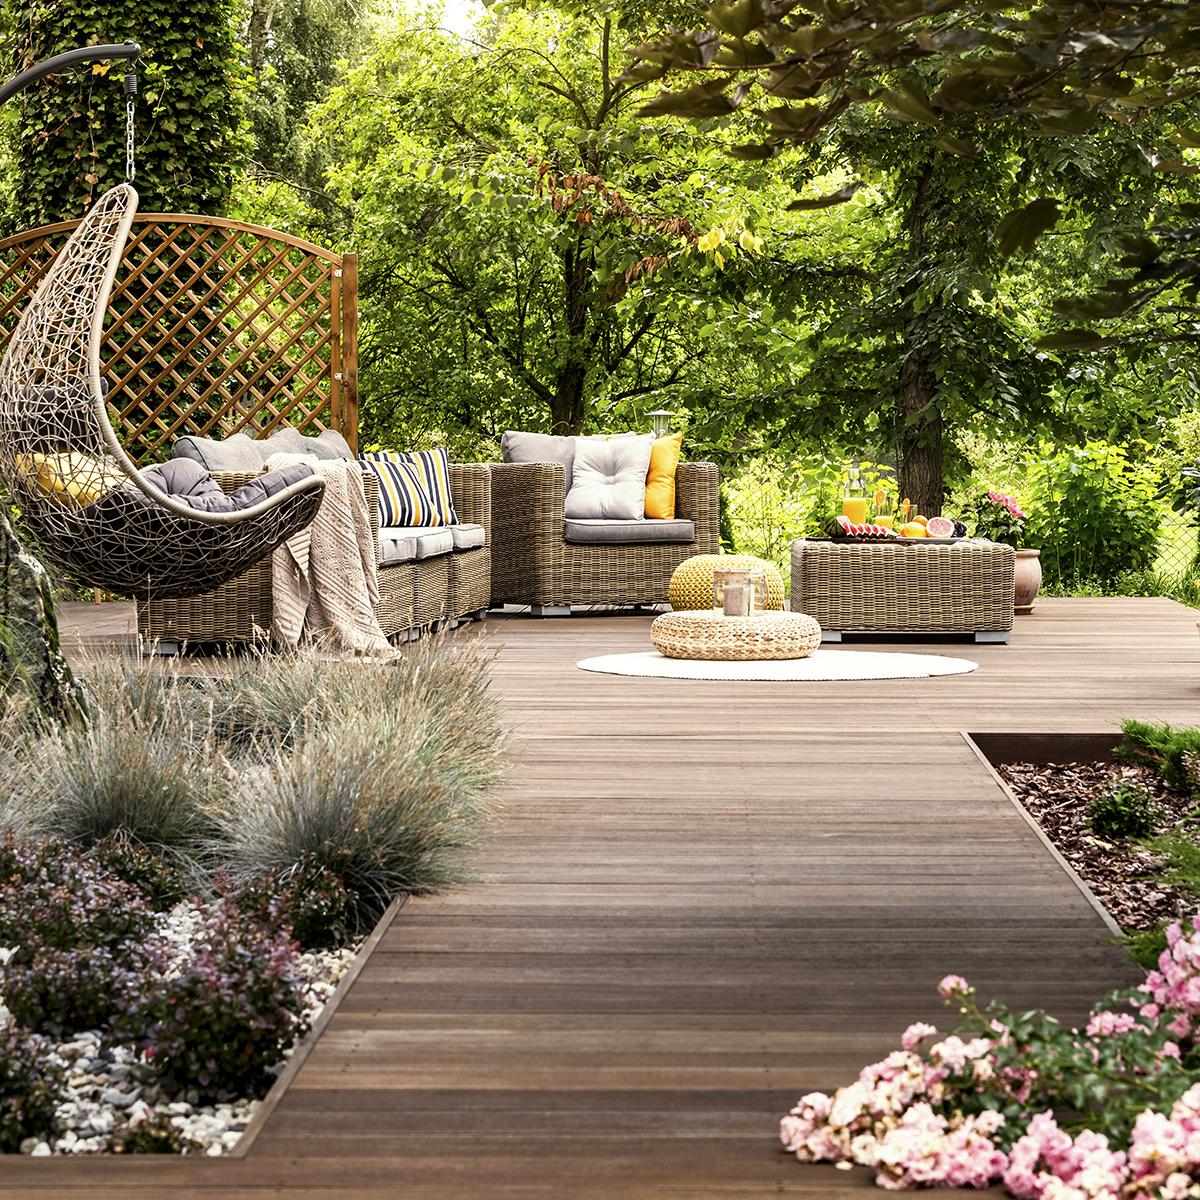 Die schönsten Ideen zur Gartengestaltung – 5 Inspirationen für deinen Garten